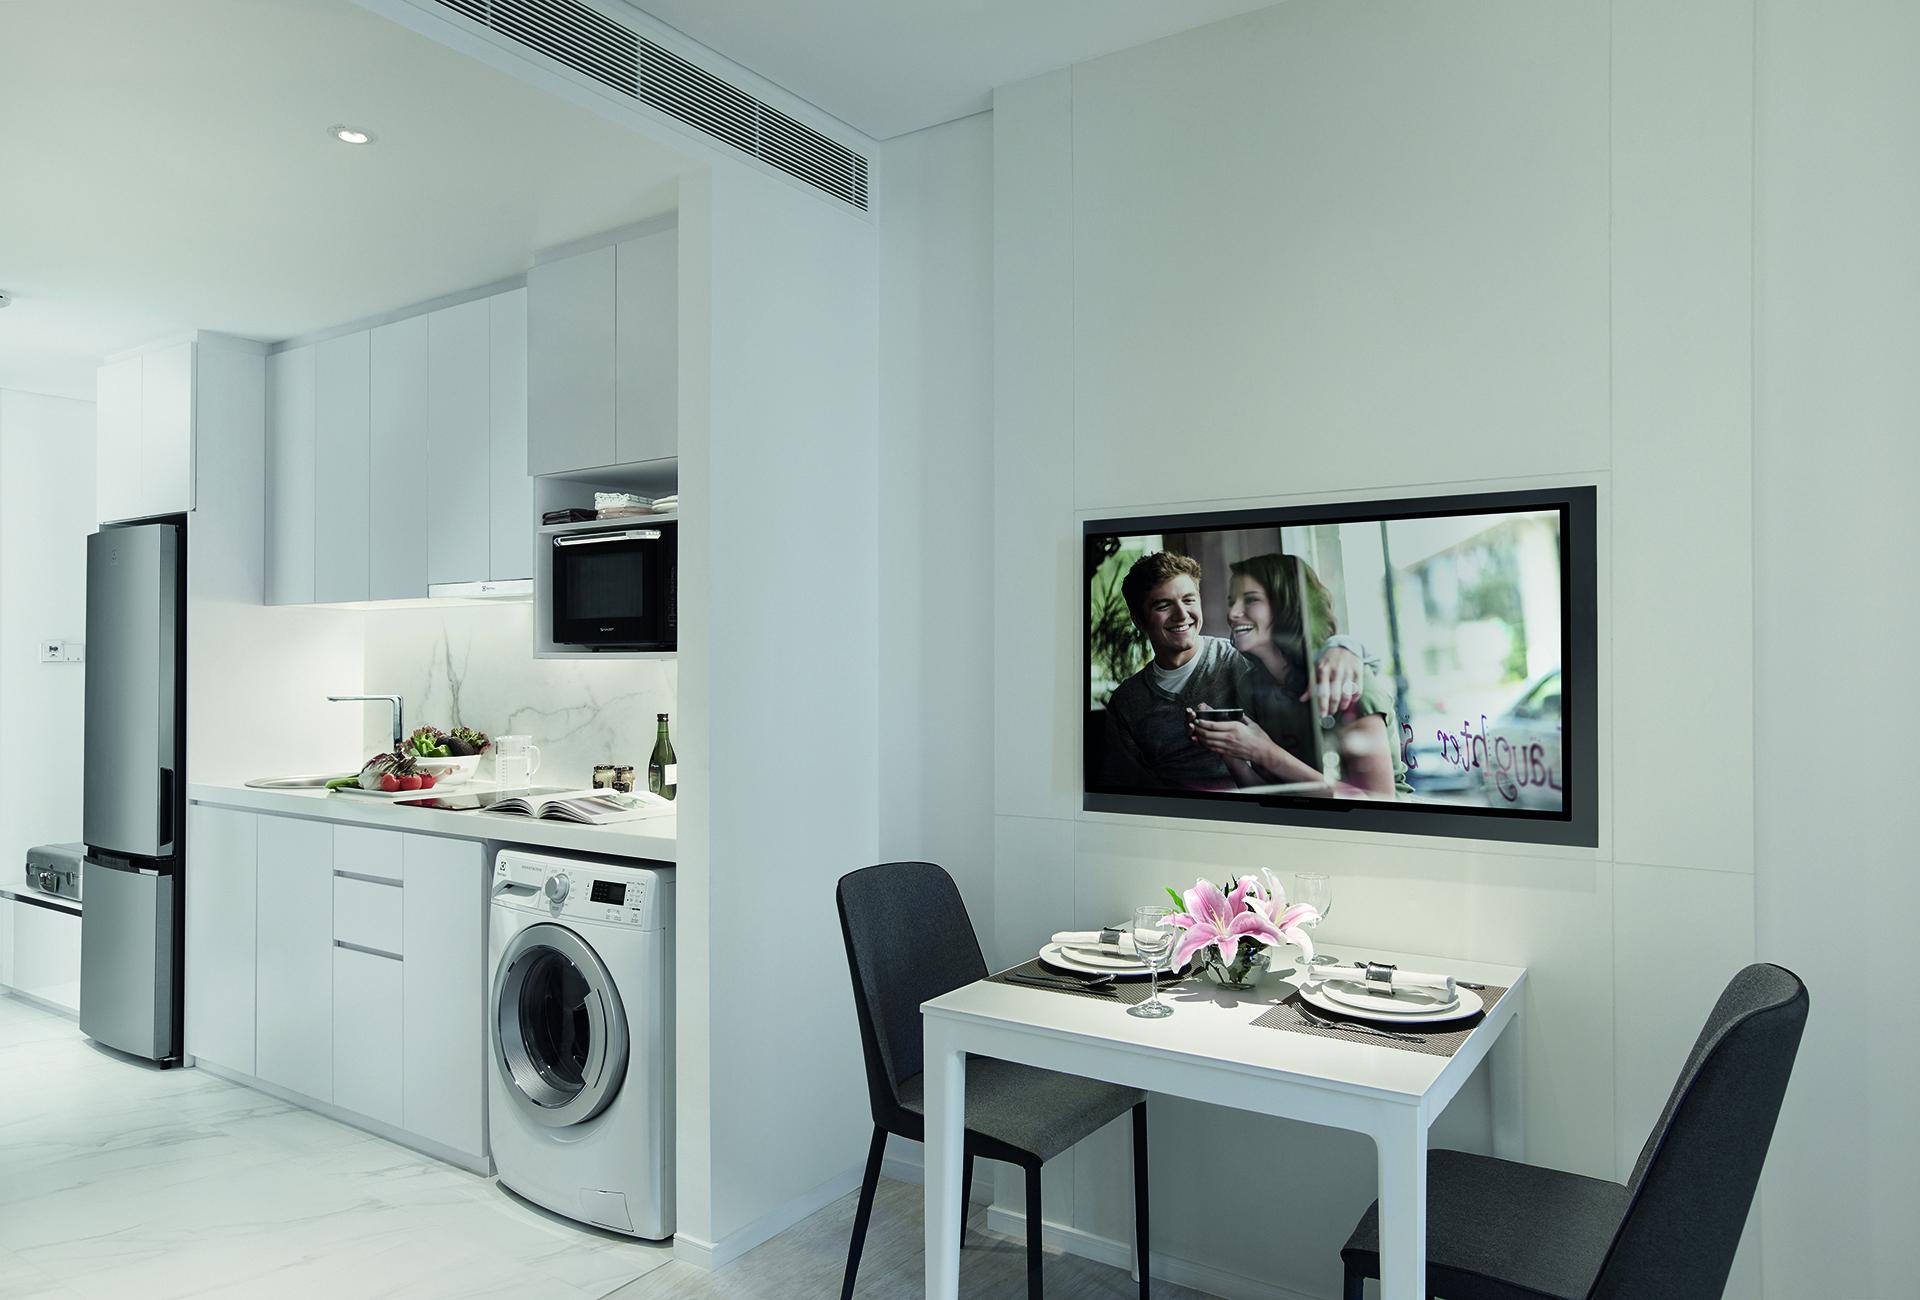 4-ONE-BEDROOM-DELUXE-Kitchen-dining-Hires.jpg